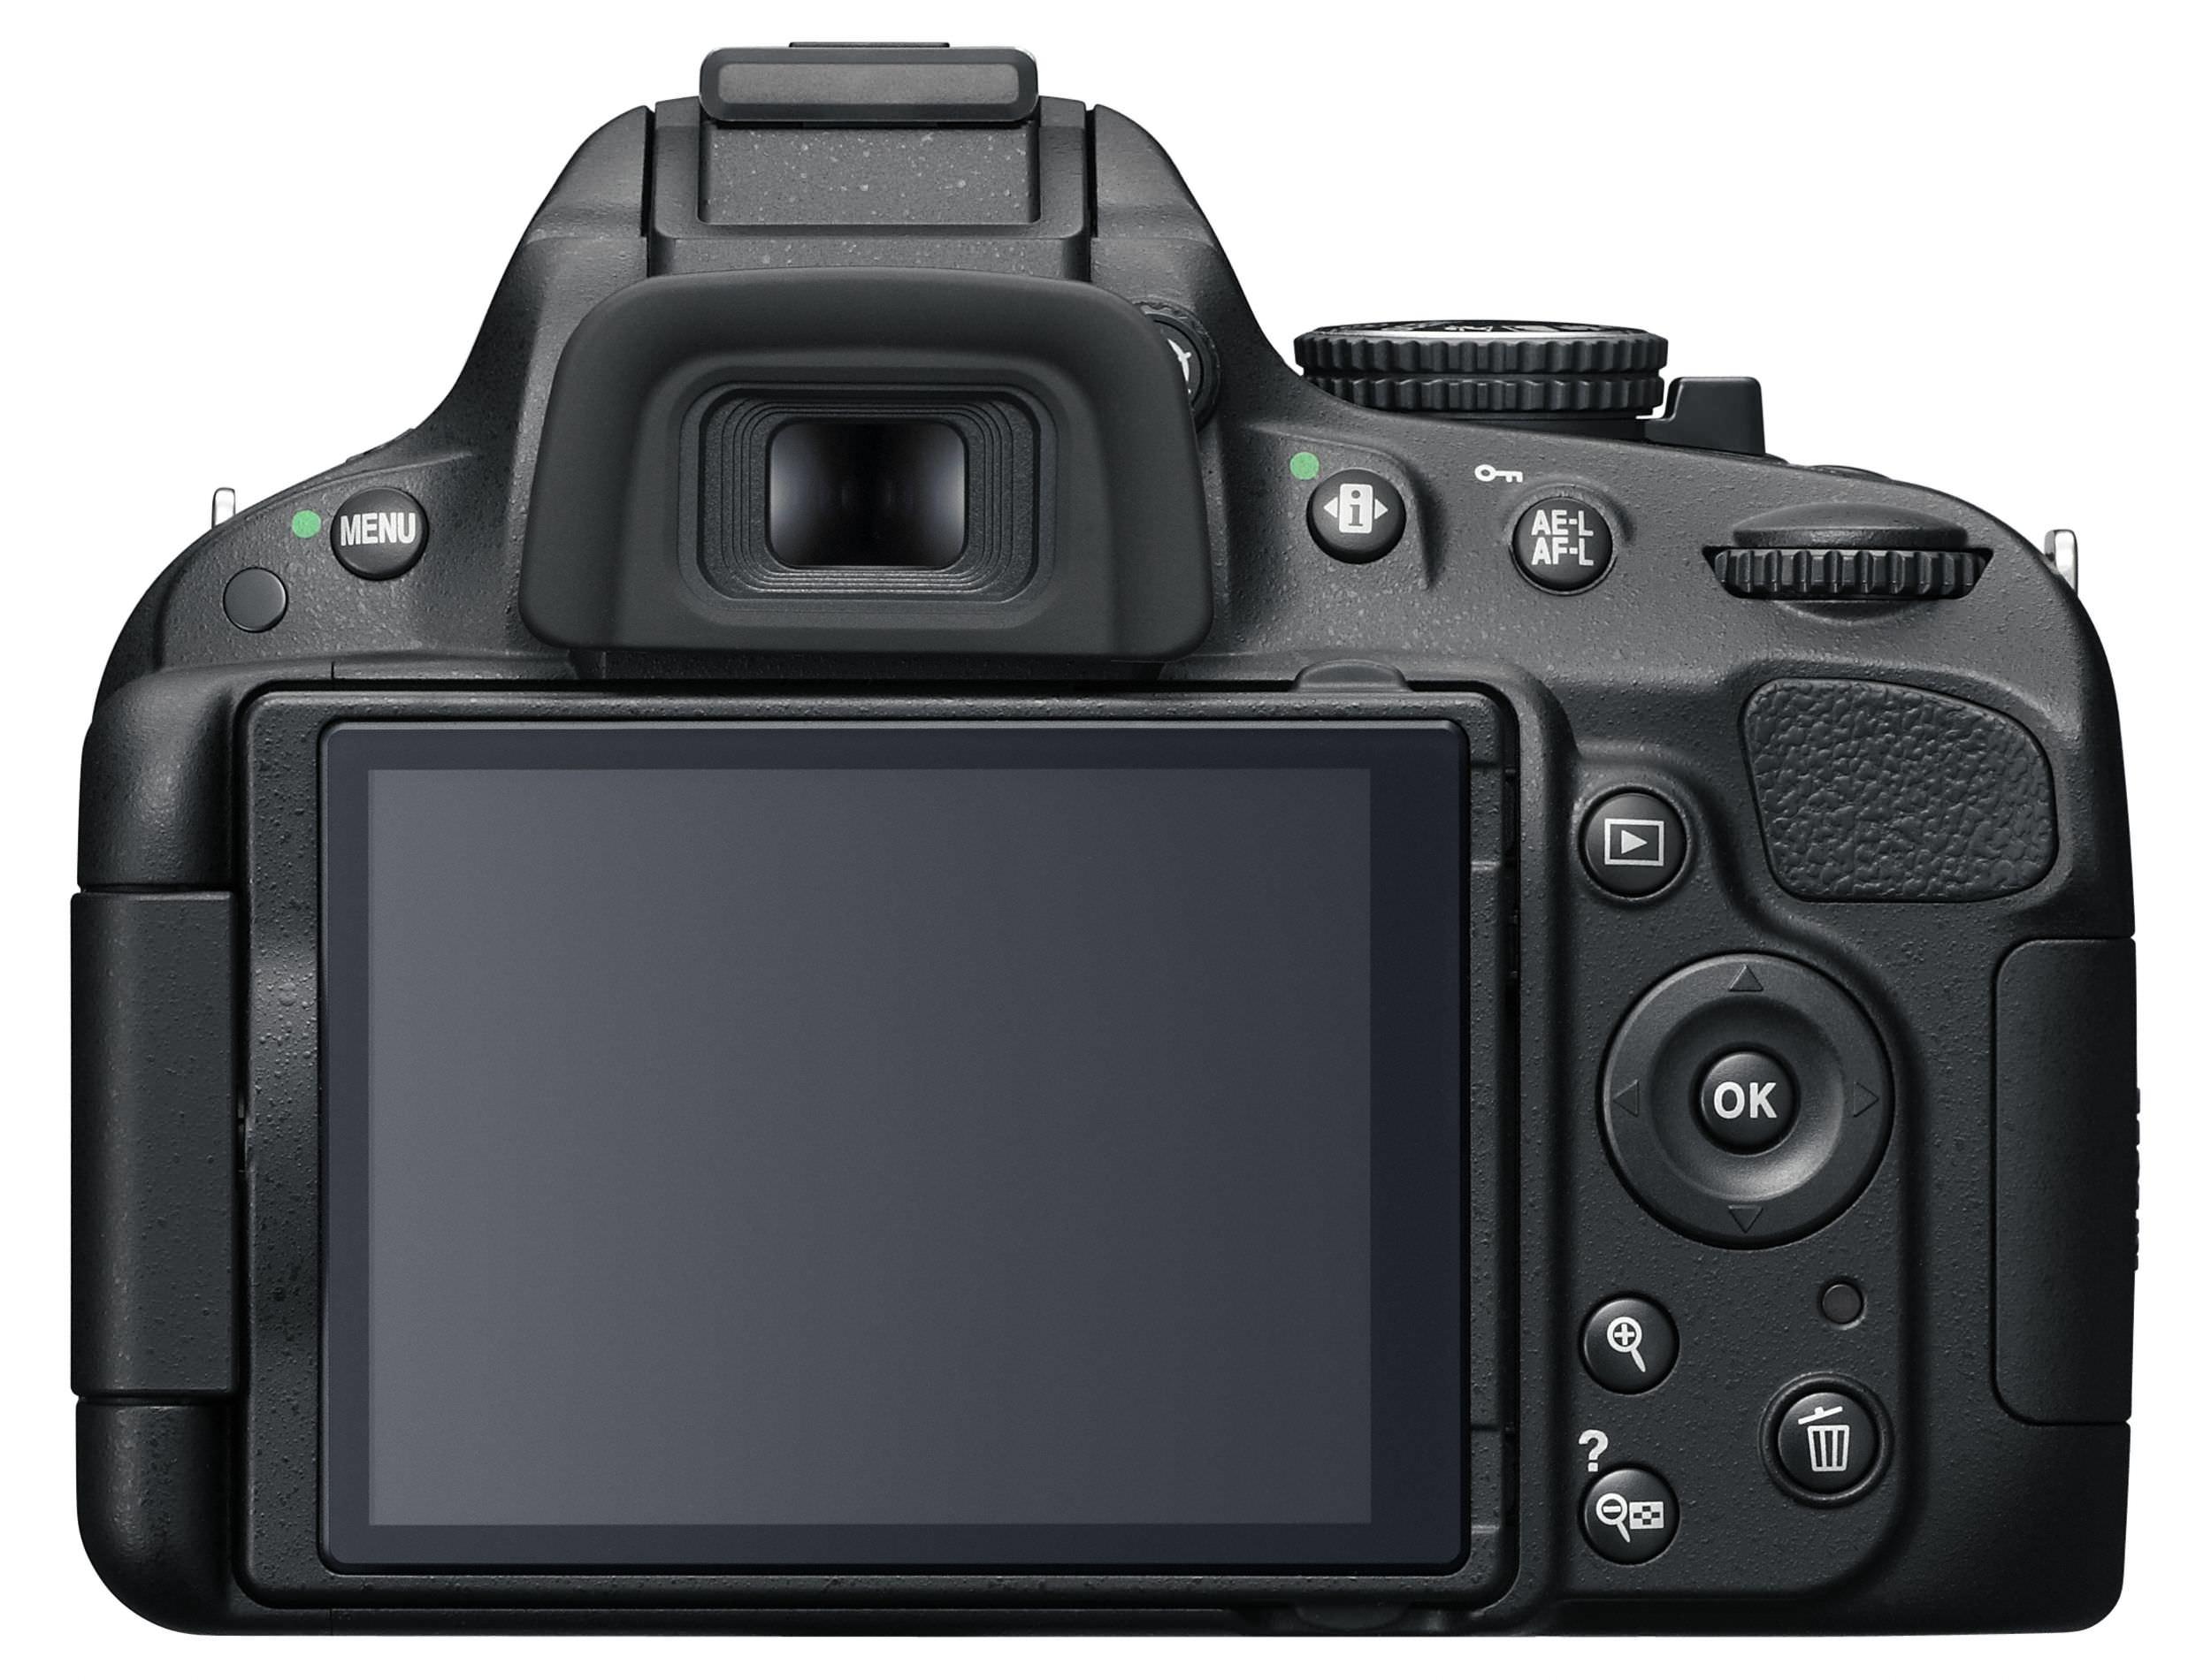 Nikon D5100 Back